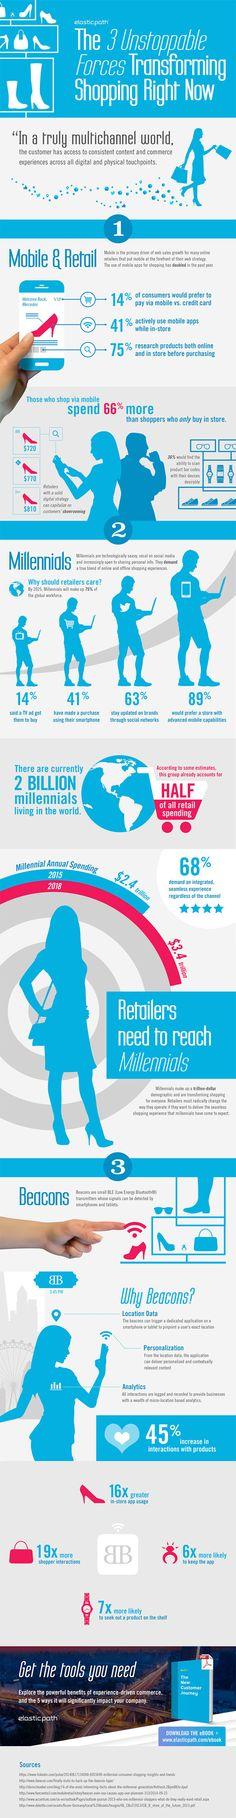 La transformación del Comercio #mobile #millenials #ecommerce